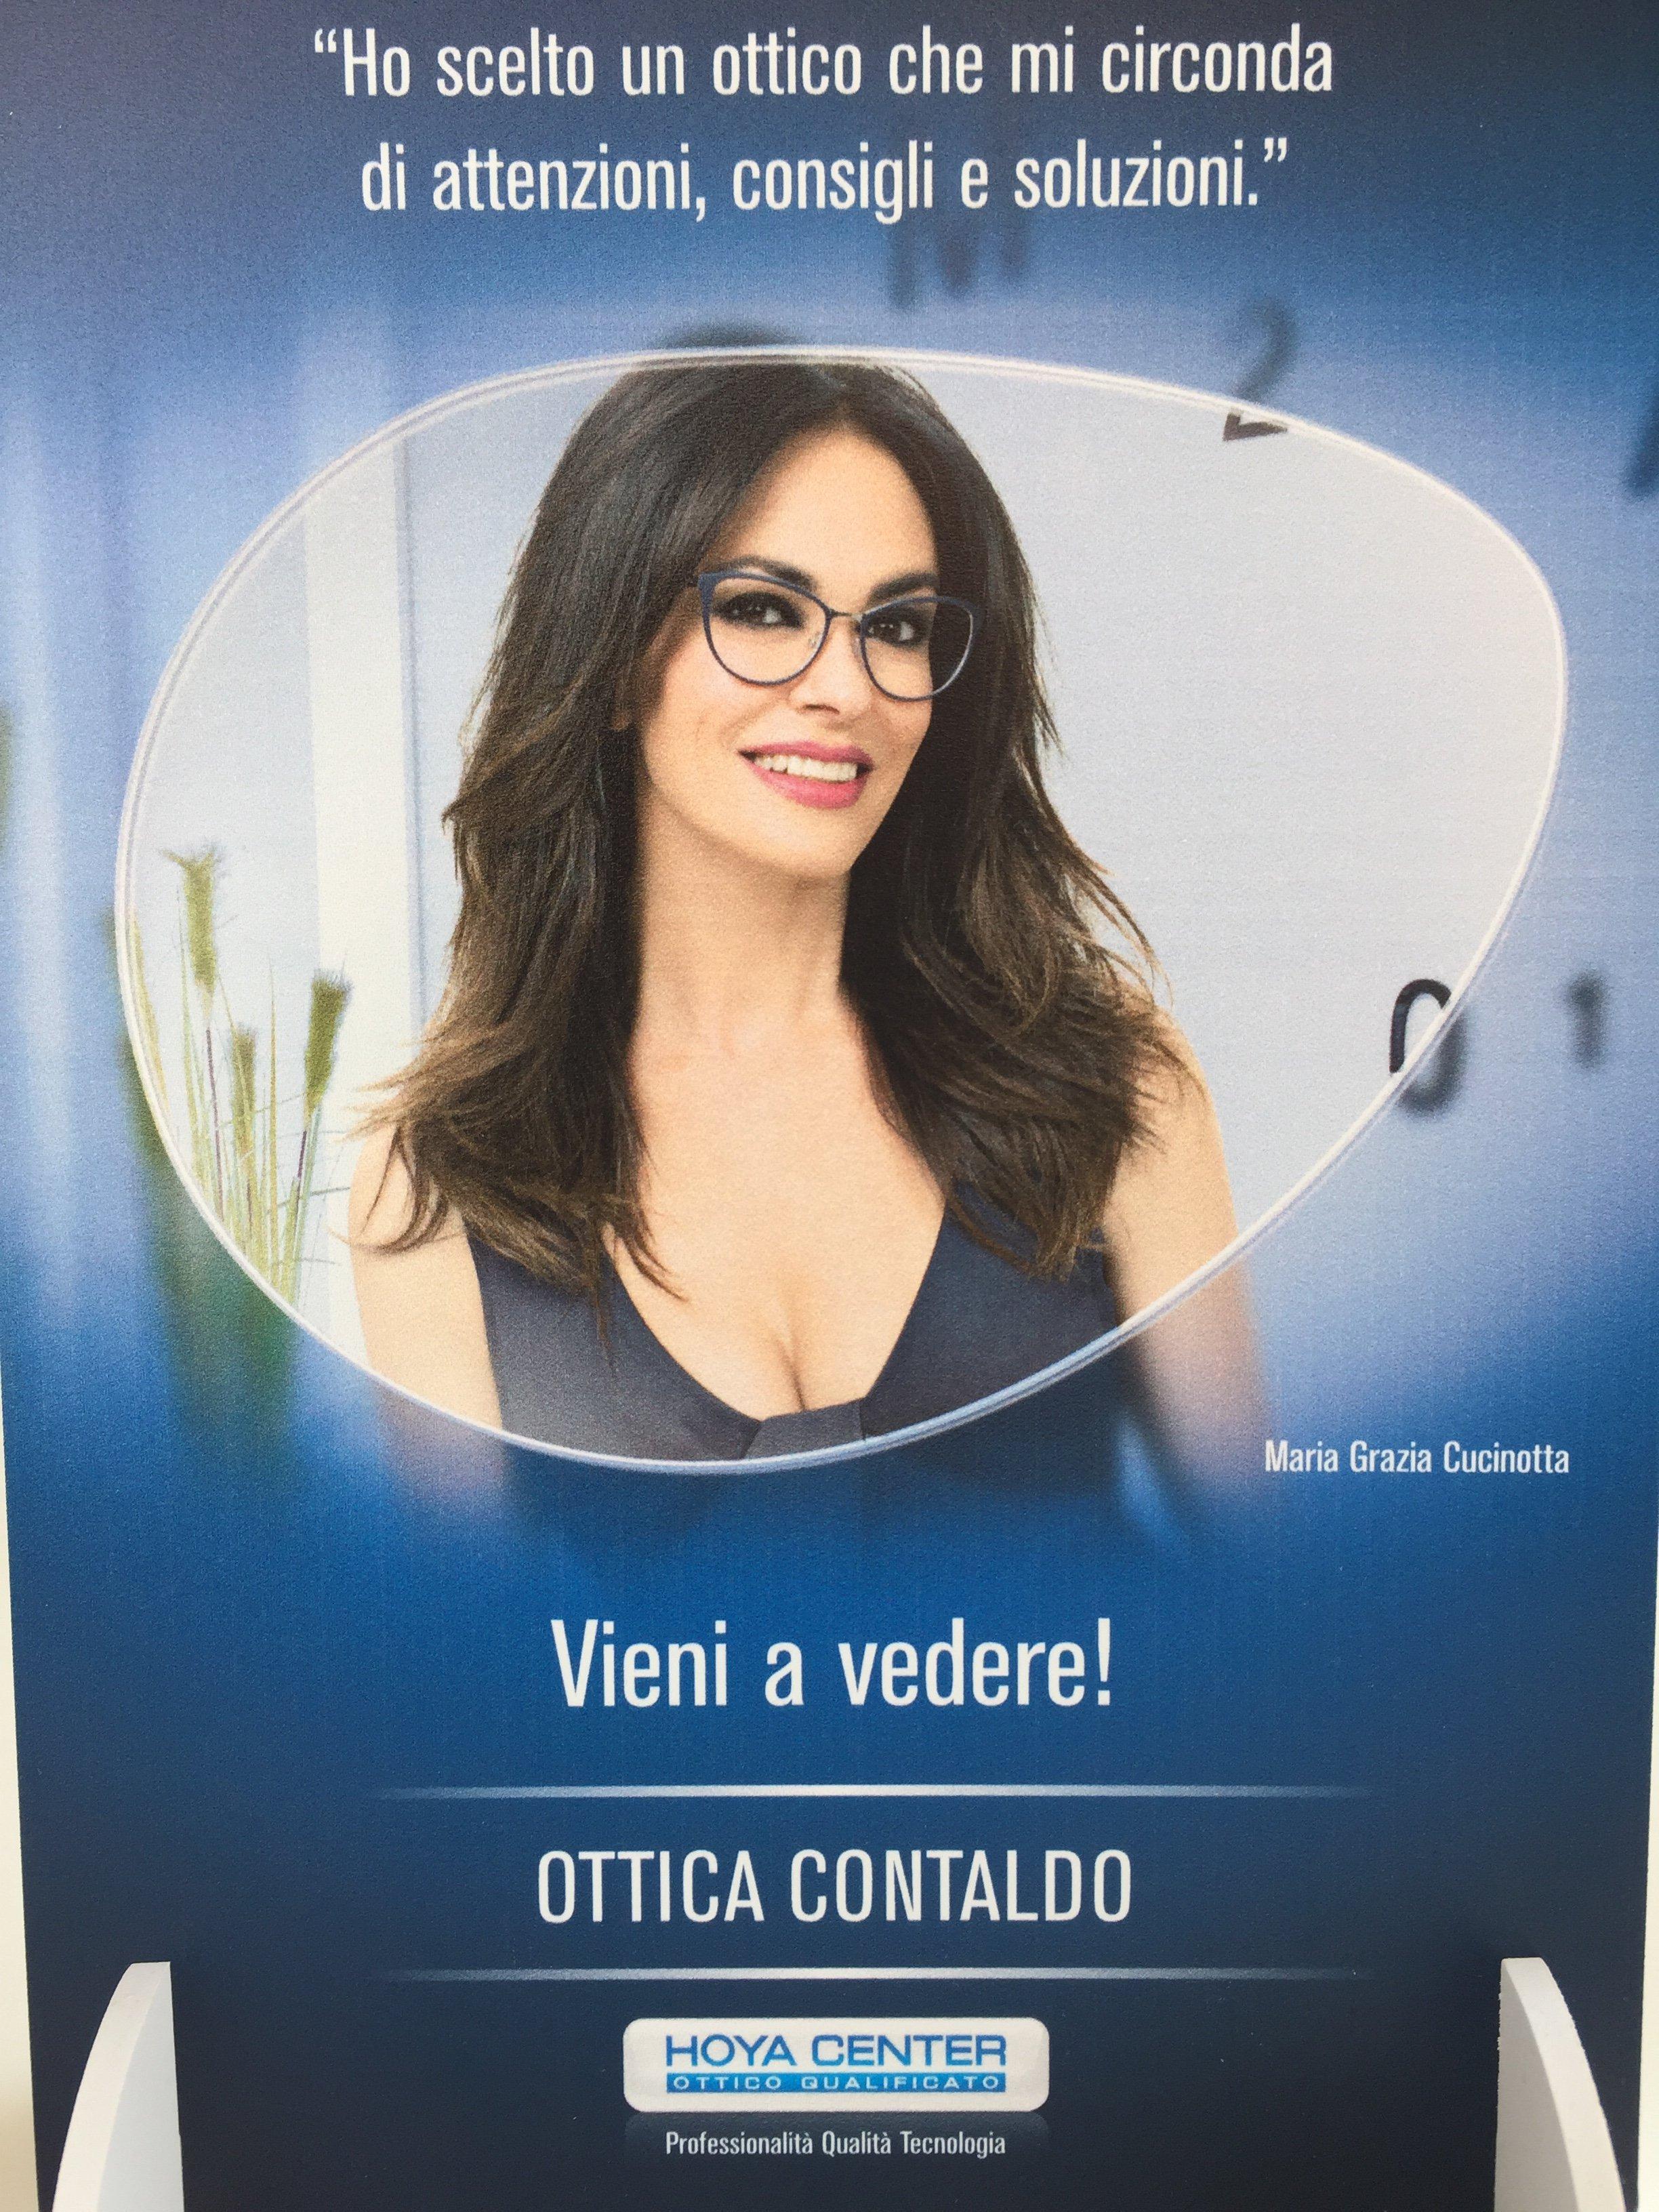 pubblicità di occhiali con Maria Grazia Cucinotta